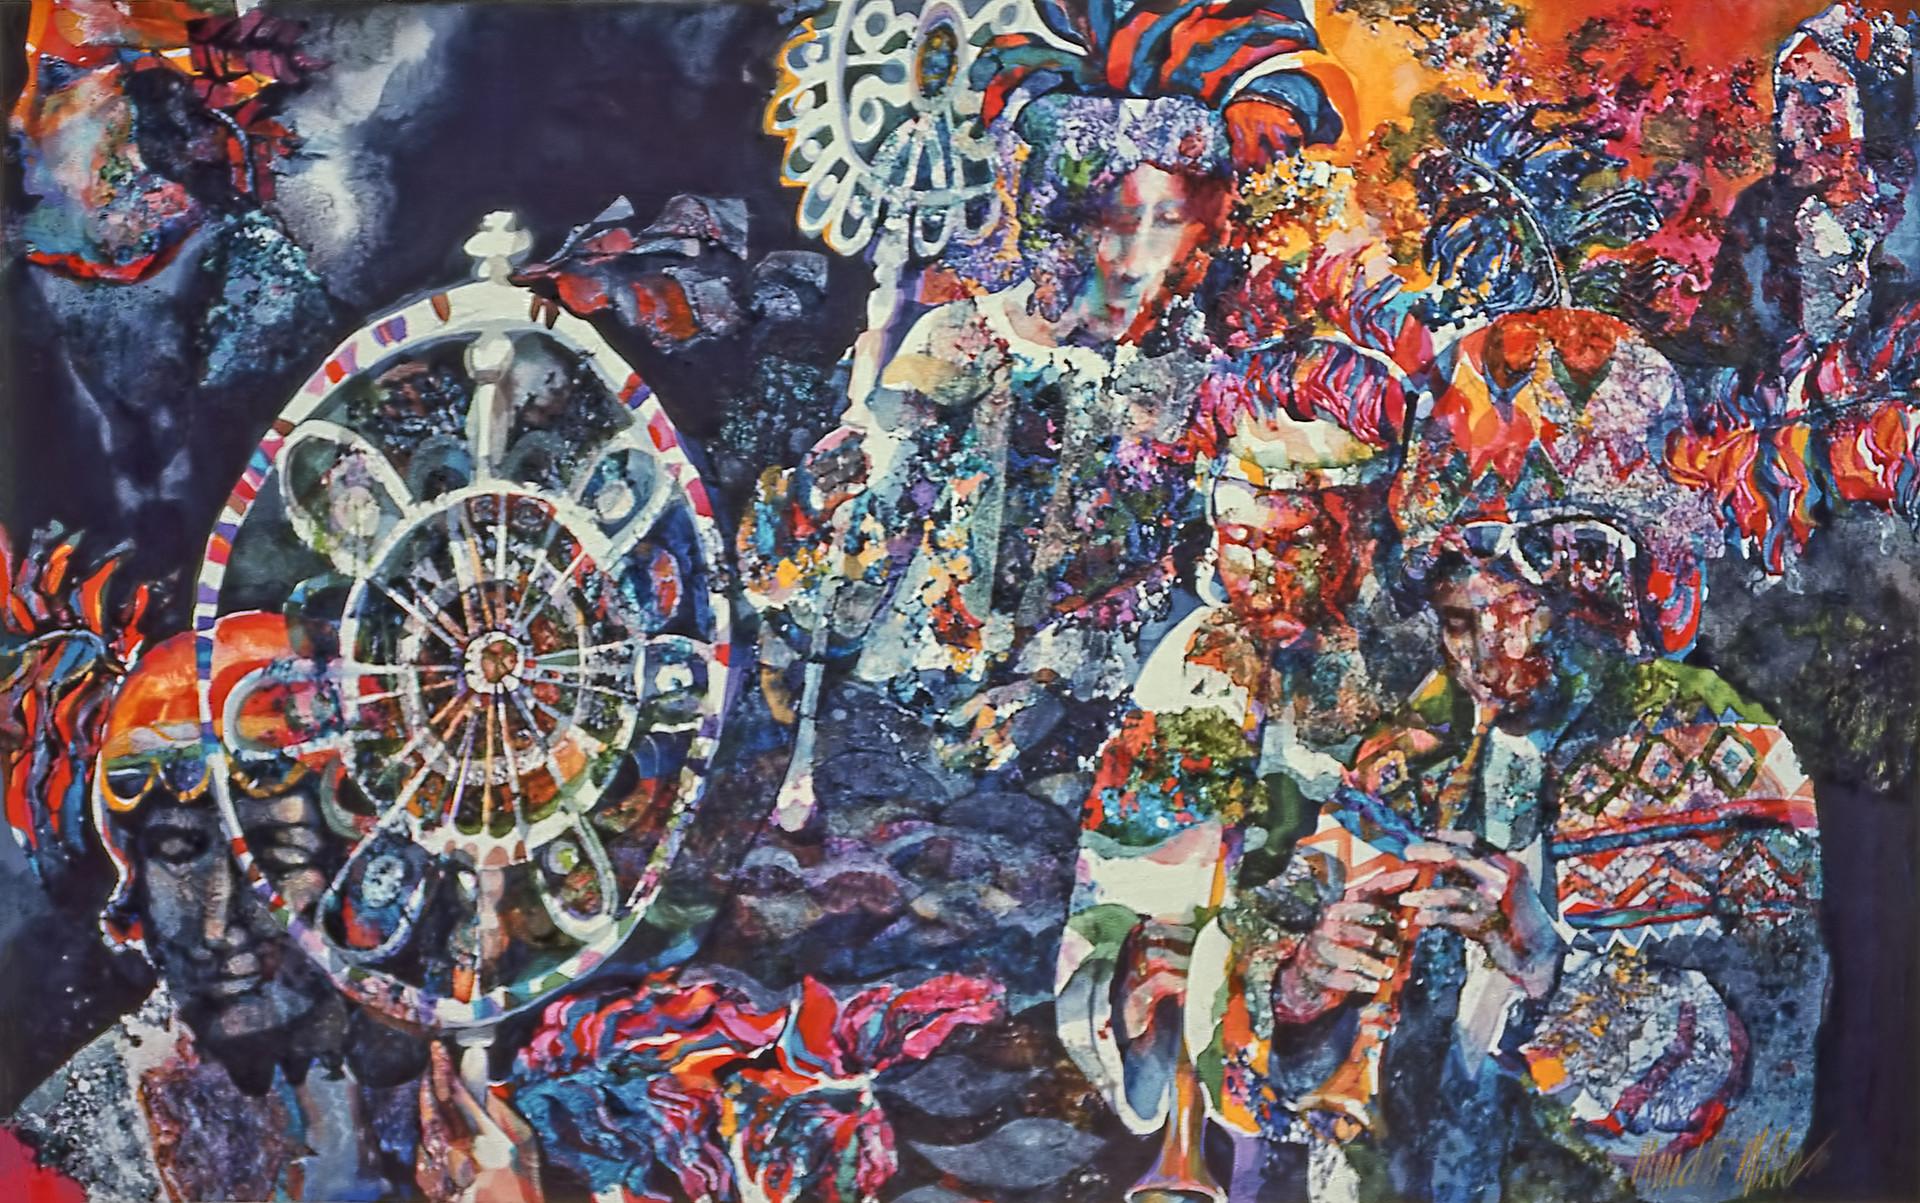 1976 - PARADE WHEEL - Watercolor on Board - 40X60